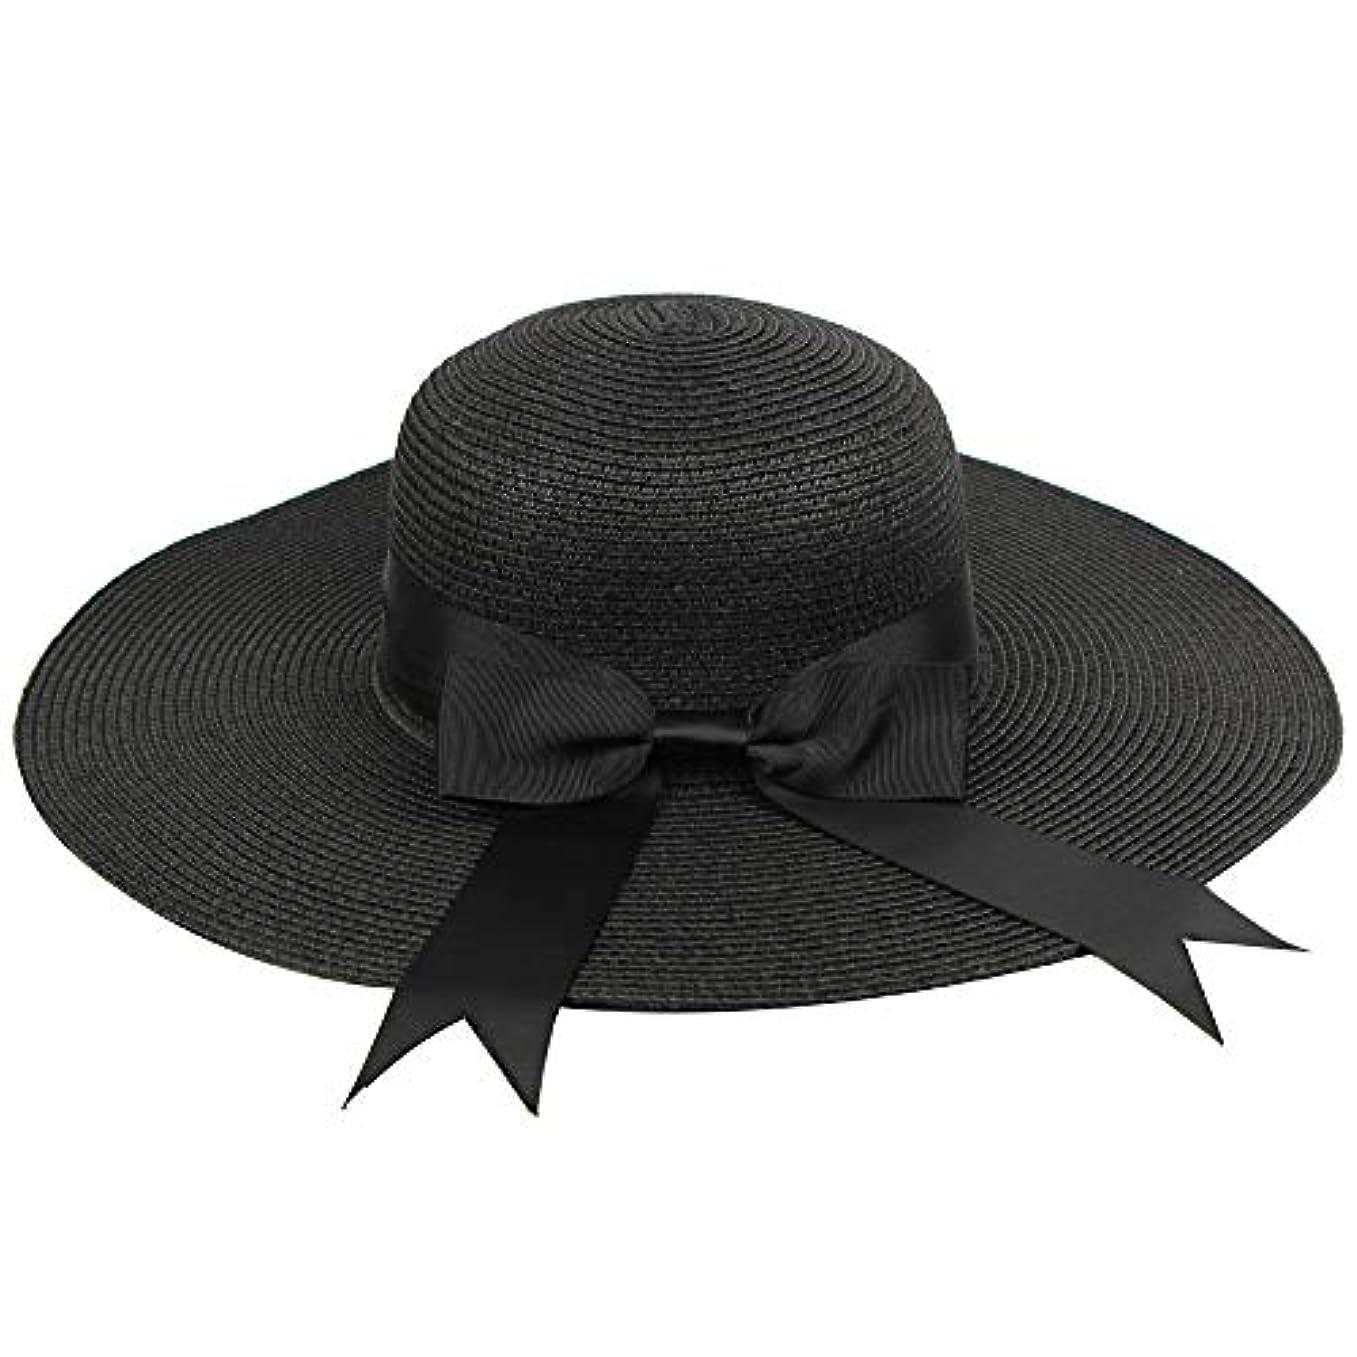 精査する拒否ドットUVカット 帽子 ハット レディース 紫外線対策 日焼け防止 軽量 熱中症予防 取り外すあご紐 つば広 おしゃれ 広幅 小顔効果抜群 折りたたみ サイズ調節可 旅行 調節テープ 吸汗通気 紫外線対策 ROSE ROMAN